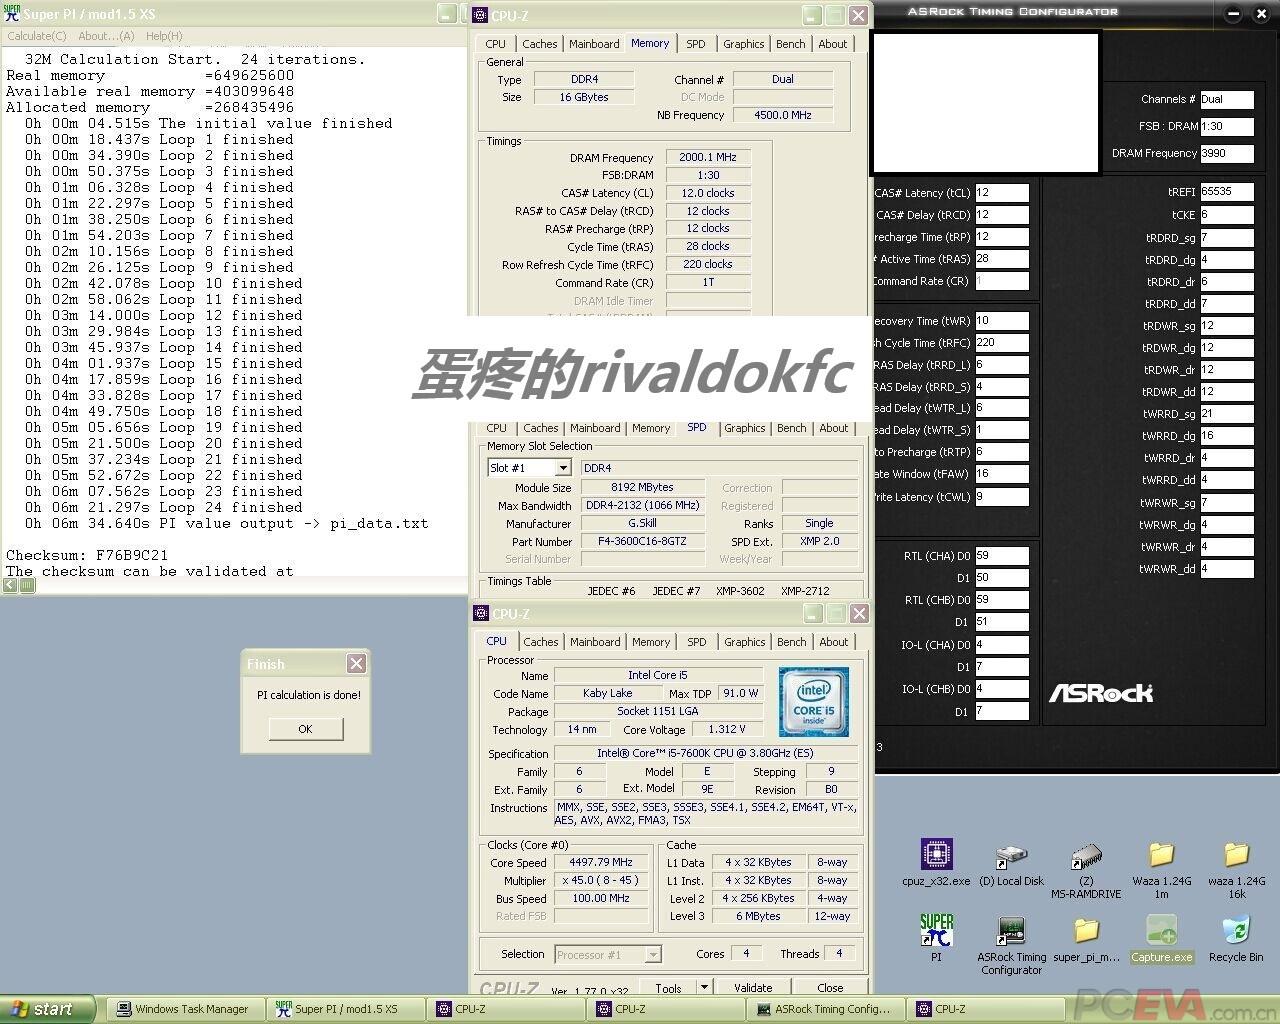 intel-core-i5-7600k-superpi